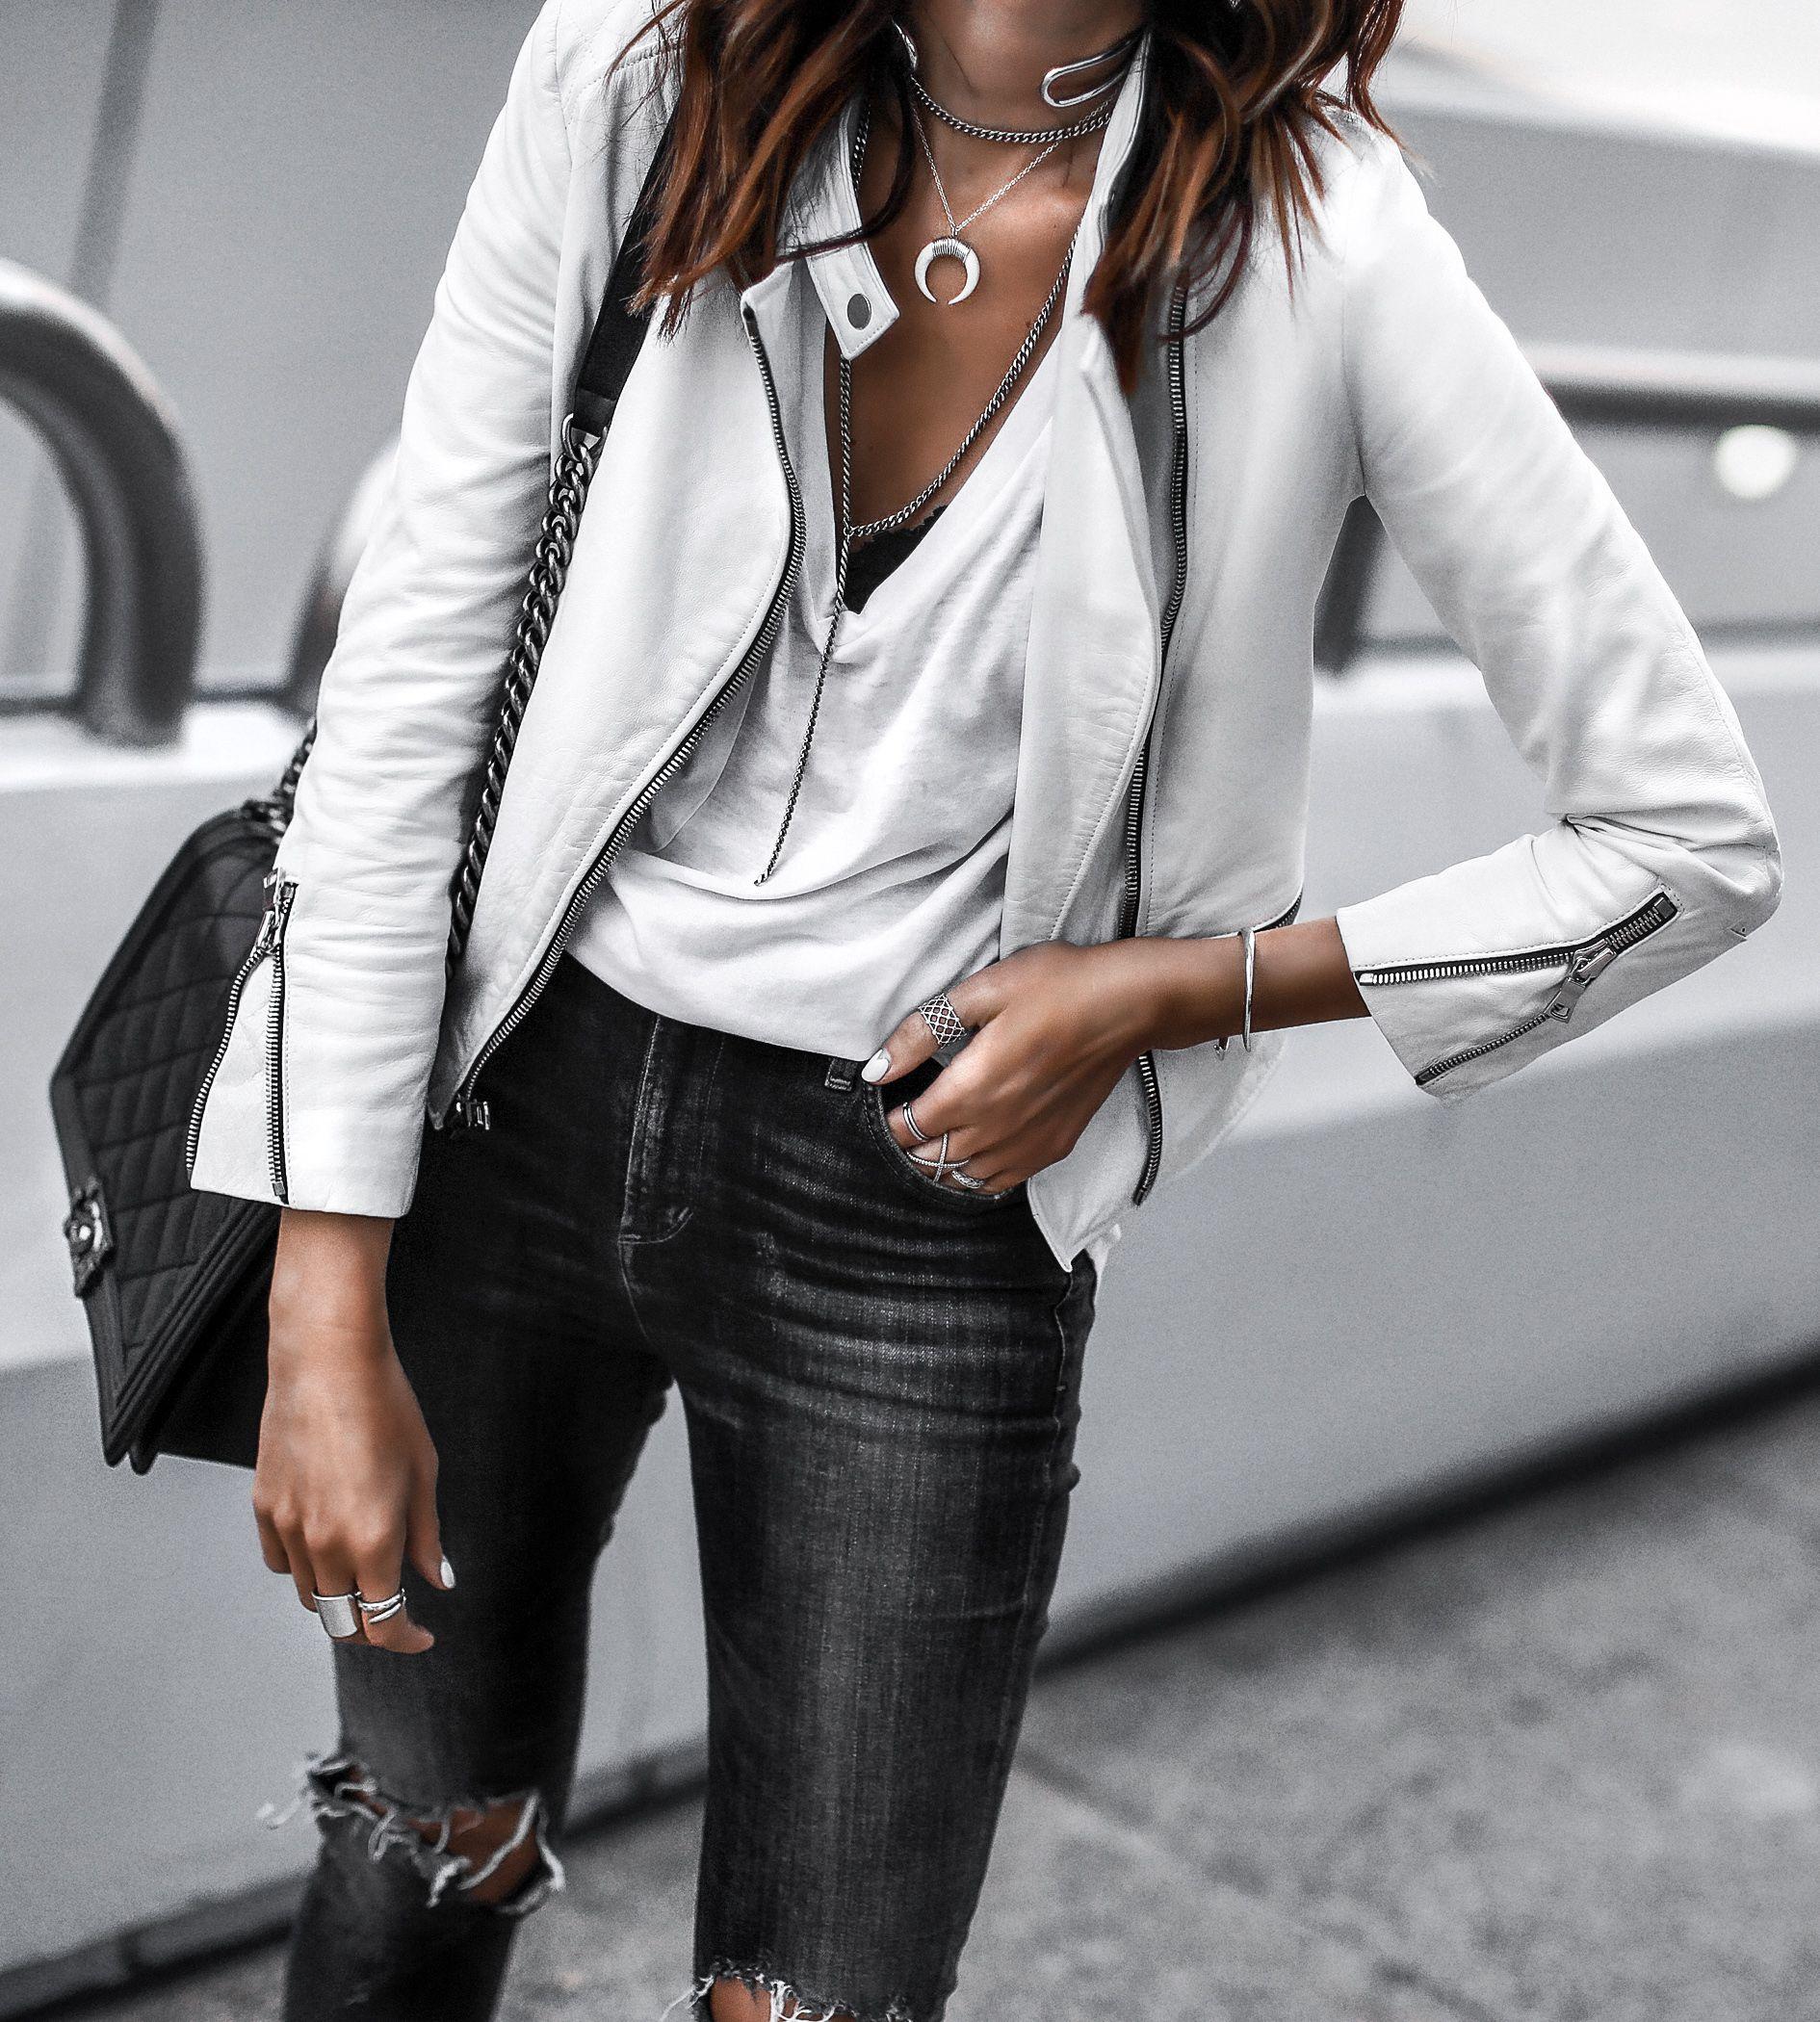 609a0e956b giacca di pelle bianca, maglietta bianca, collane a strati, jeans skinny  strappati, borsa chanel